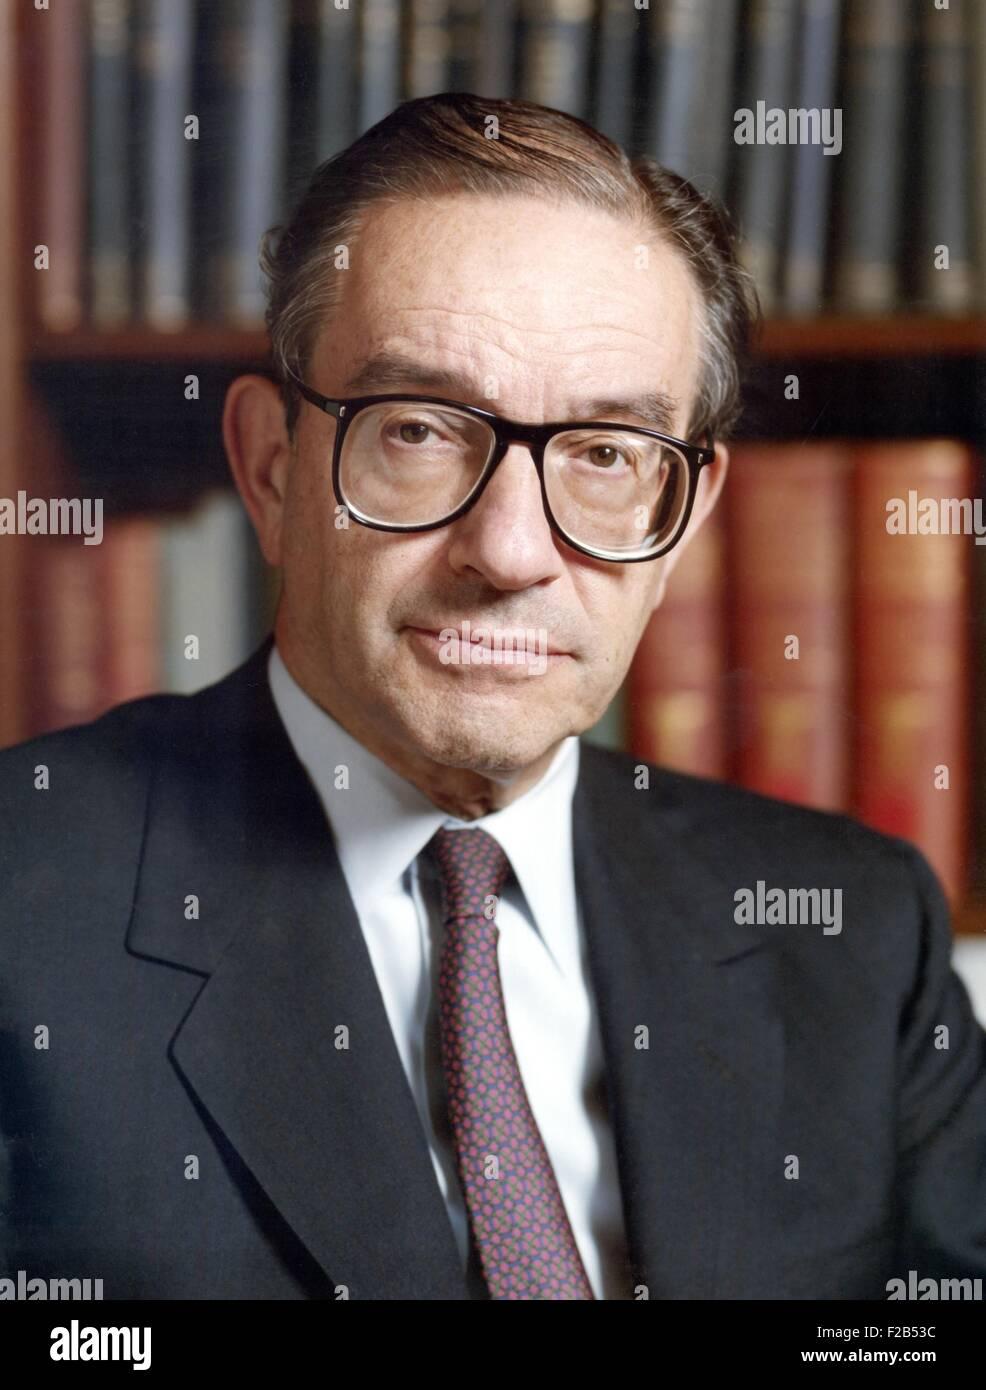 Alan Greenspan era il Presidente della Riserva Federale degli Stati Uniti dal 1987 al 2006. Mentre egli è stato Immagini Stock